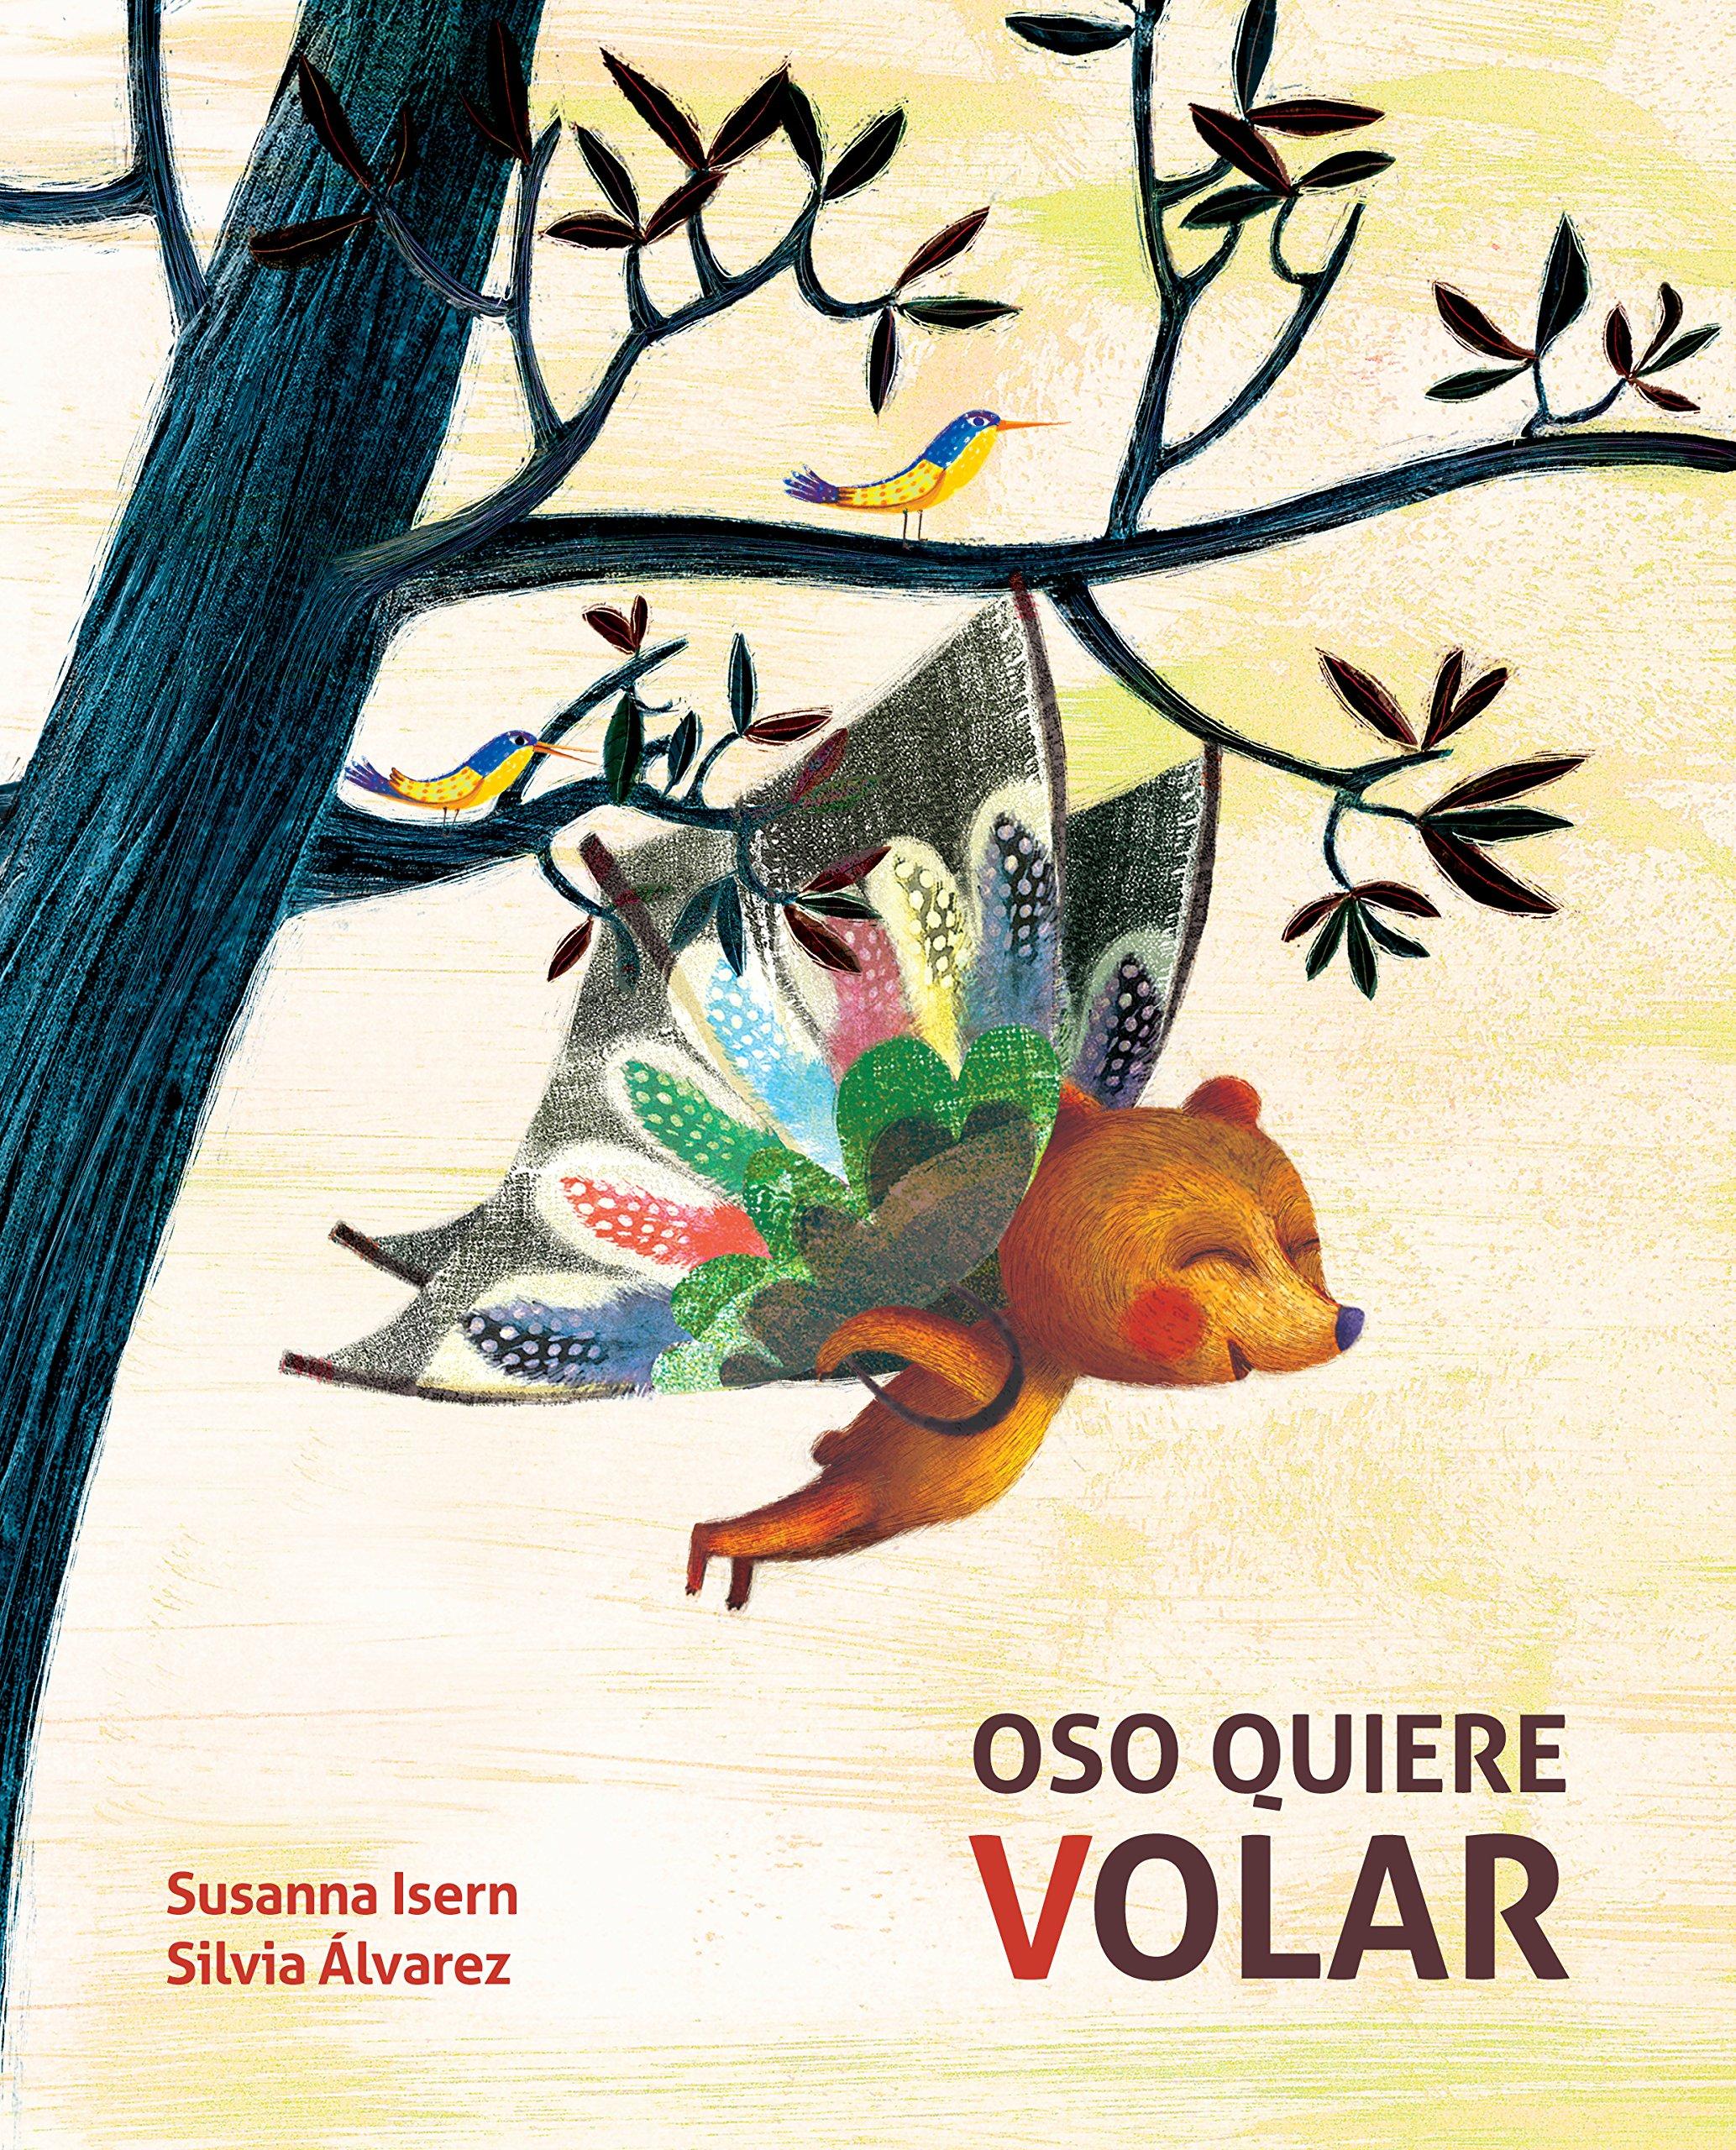 Oso quiere volar (Spanish Edition)